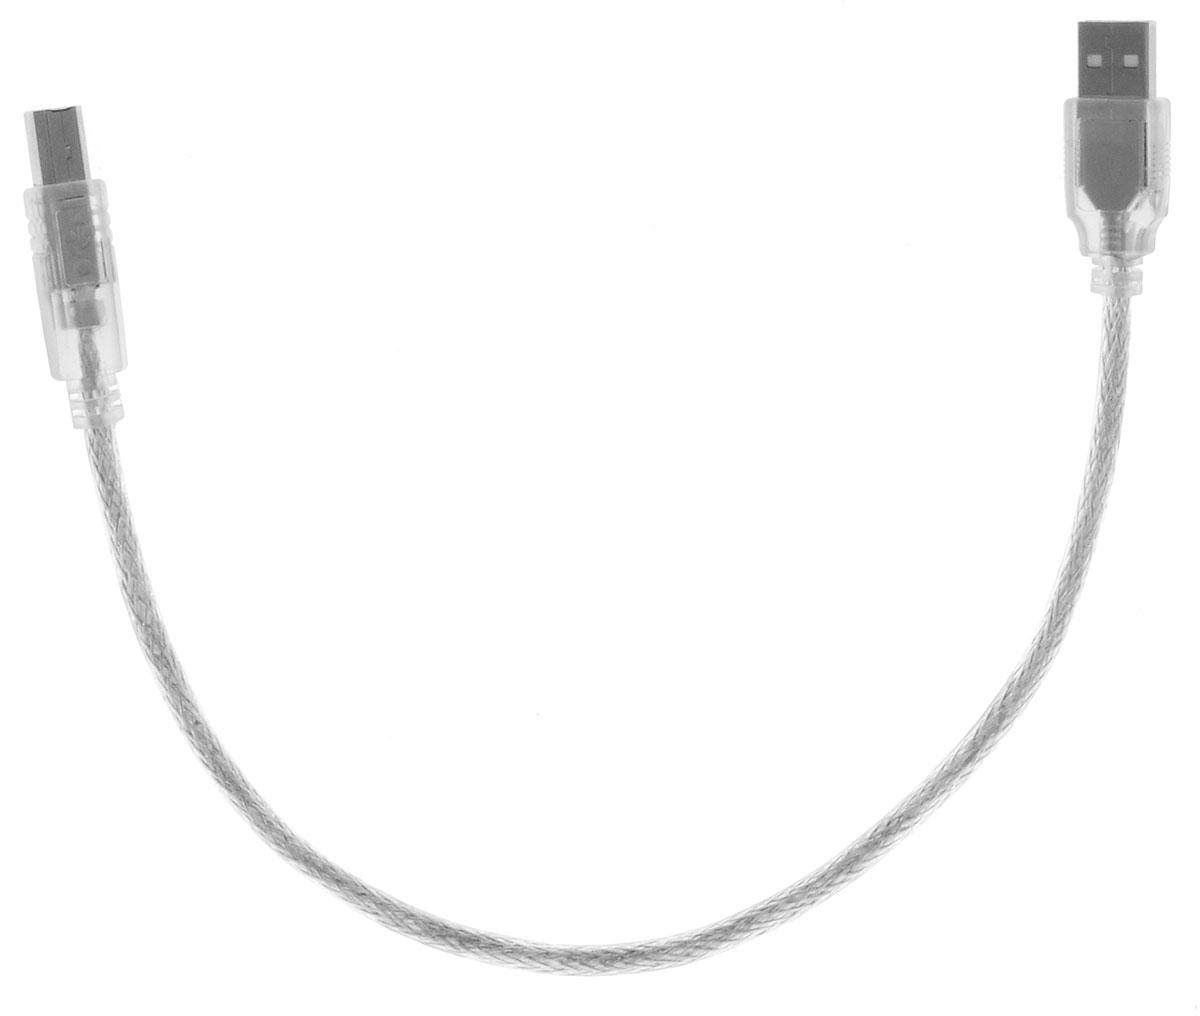 Greenconnect Premium GCR-UPC2M-BD2S, Clear кабель USB 0.3 мGCR-UPC2M-BD2S-0.3mКабель Greenconnect Premium GCR-UPC2M-BD2S используется для подключения к компьютеру различных устройств с разъемом USB тип B, например, принтер, камеры, сканер, МФУ. Надежно работает со всеми моделями HP. Экранирование кабеля позволит защитить сигнал при передаче от влияния внешних полей, способных создать помехи.Пропускная способность интерфейса: USB 2.0 до 480 Мбит/сТип оболочки: PVC (ПВХ)